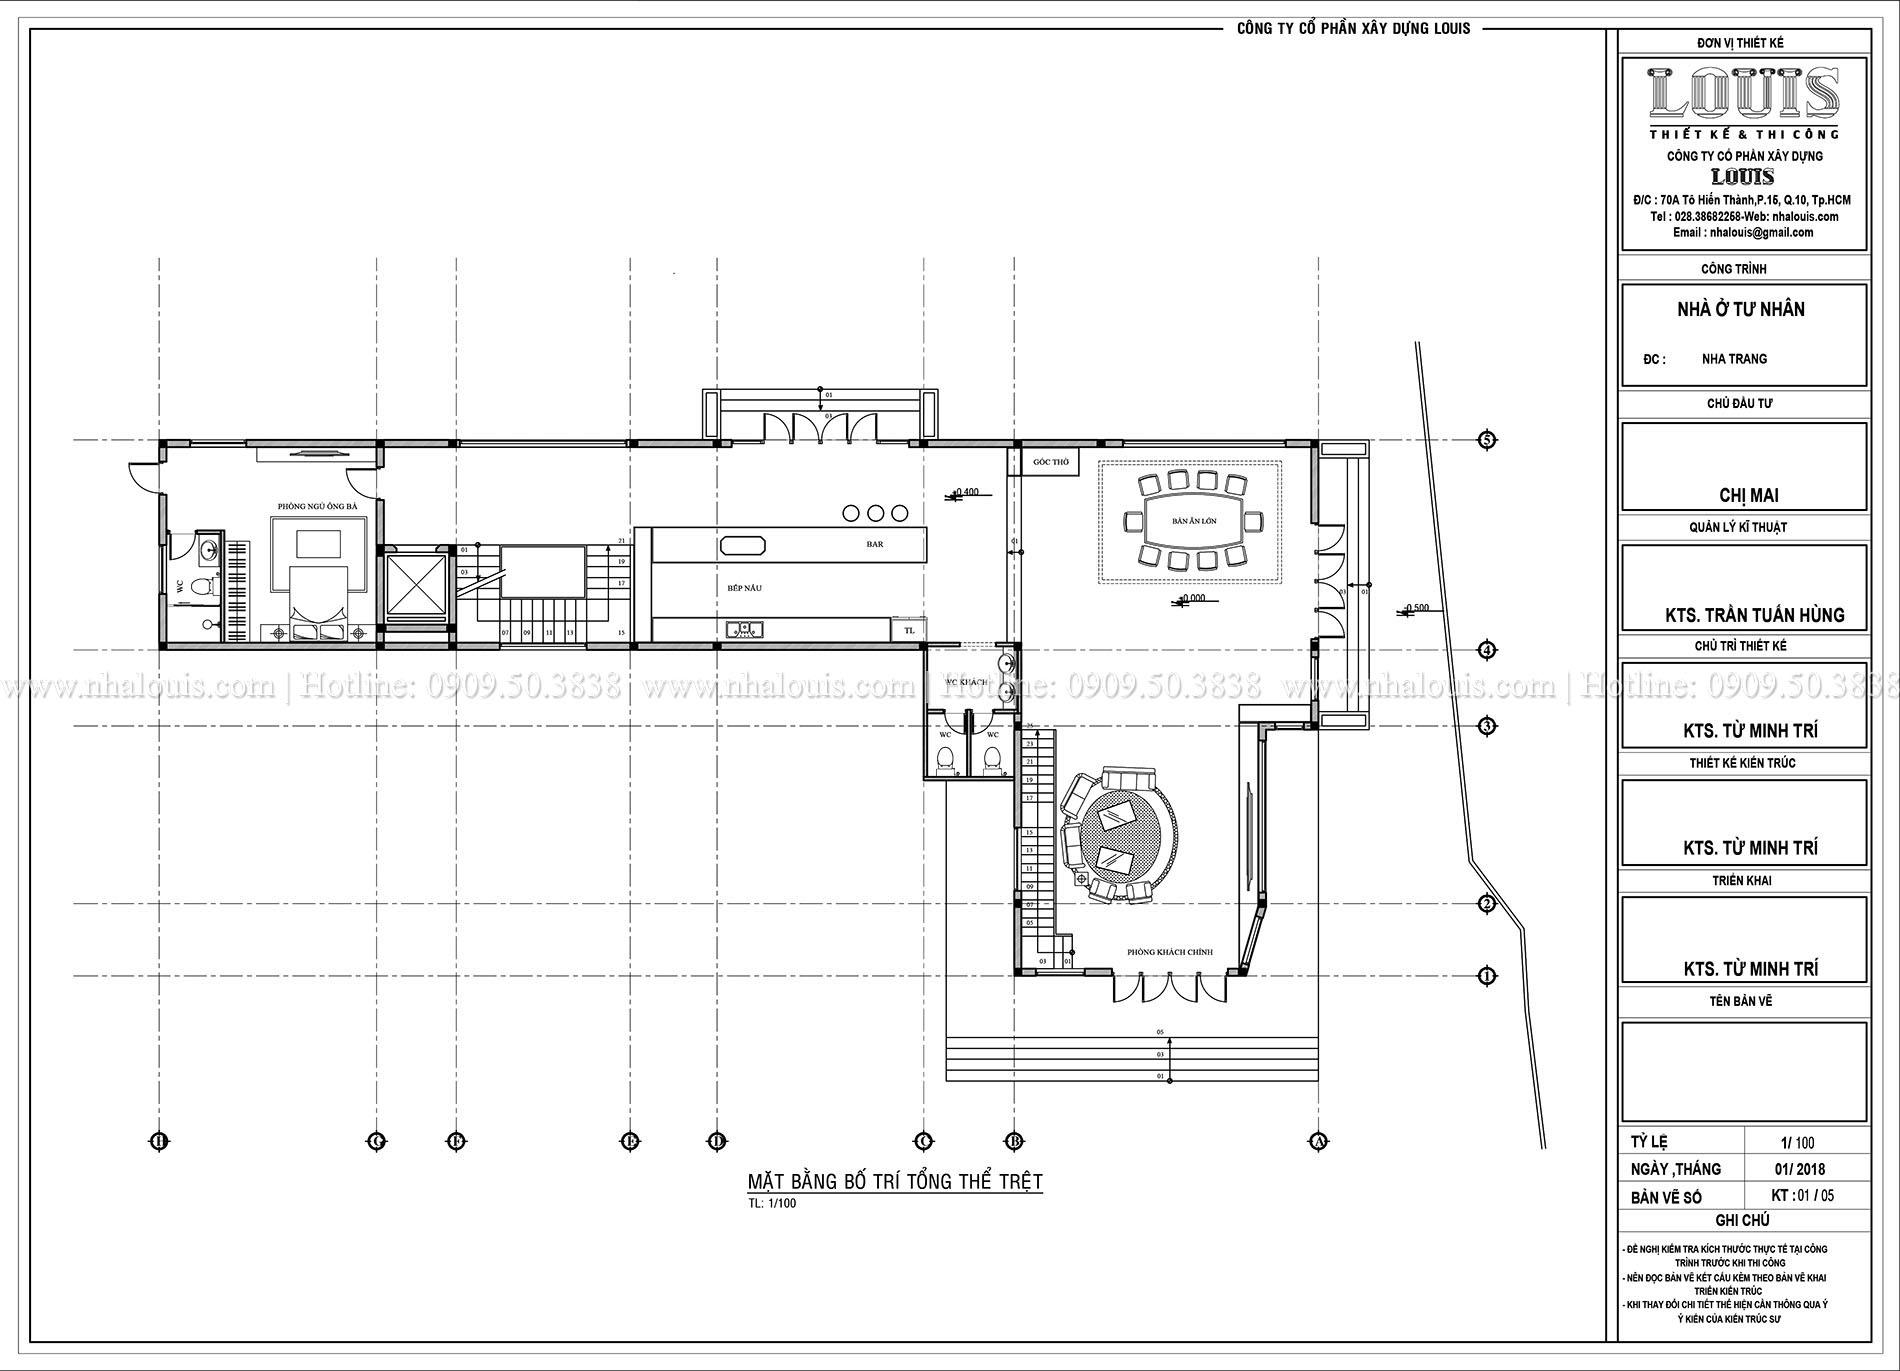 Mặt bằng tầng trệt Thiết kế biệt thự 5 tầng hiện đại đẹp lung linh tại Nha Trang - 008